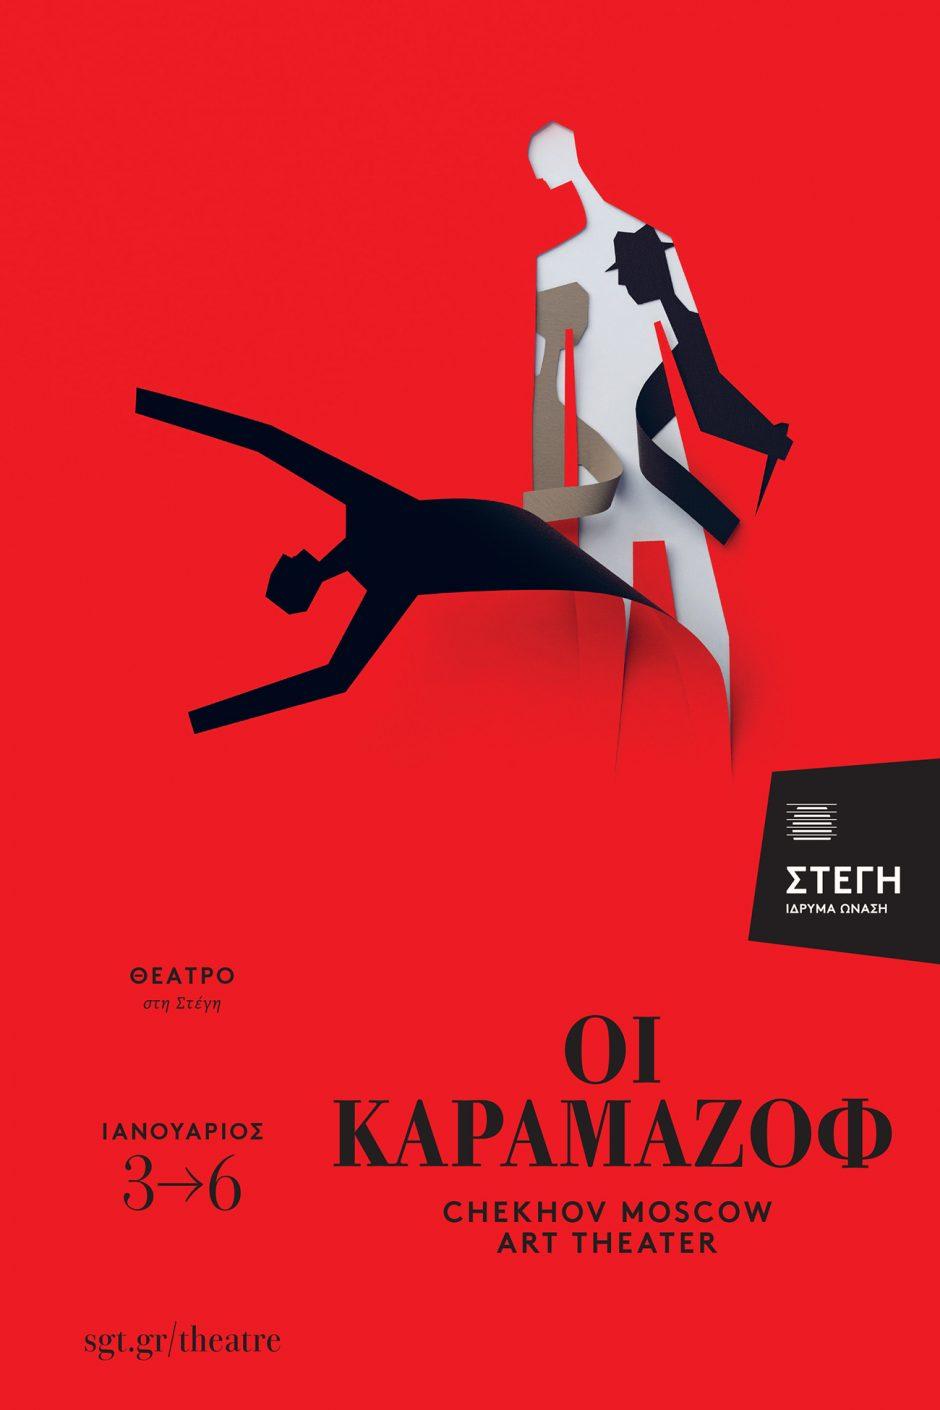 Poster für das Onassis Cultural Centre